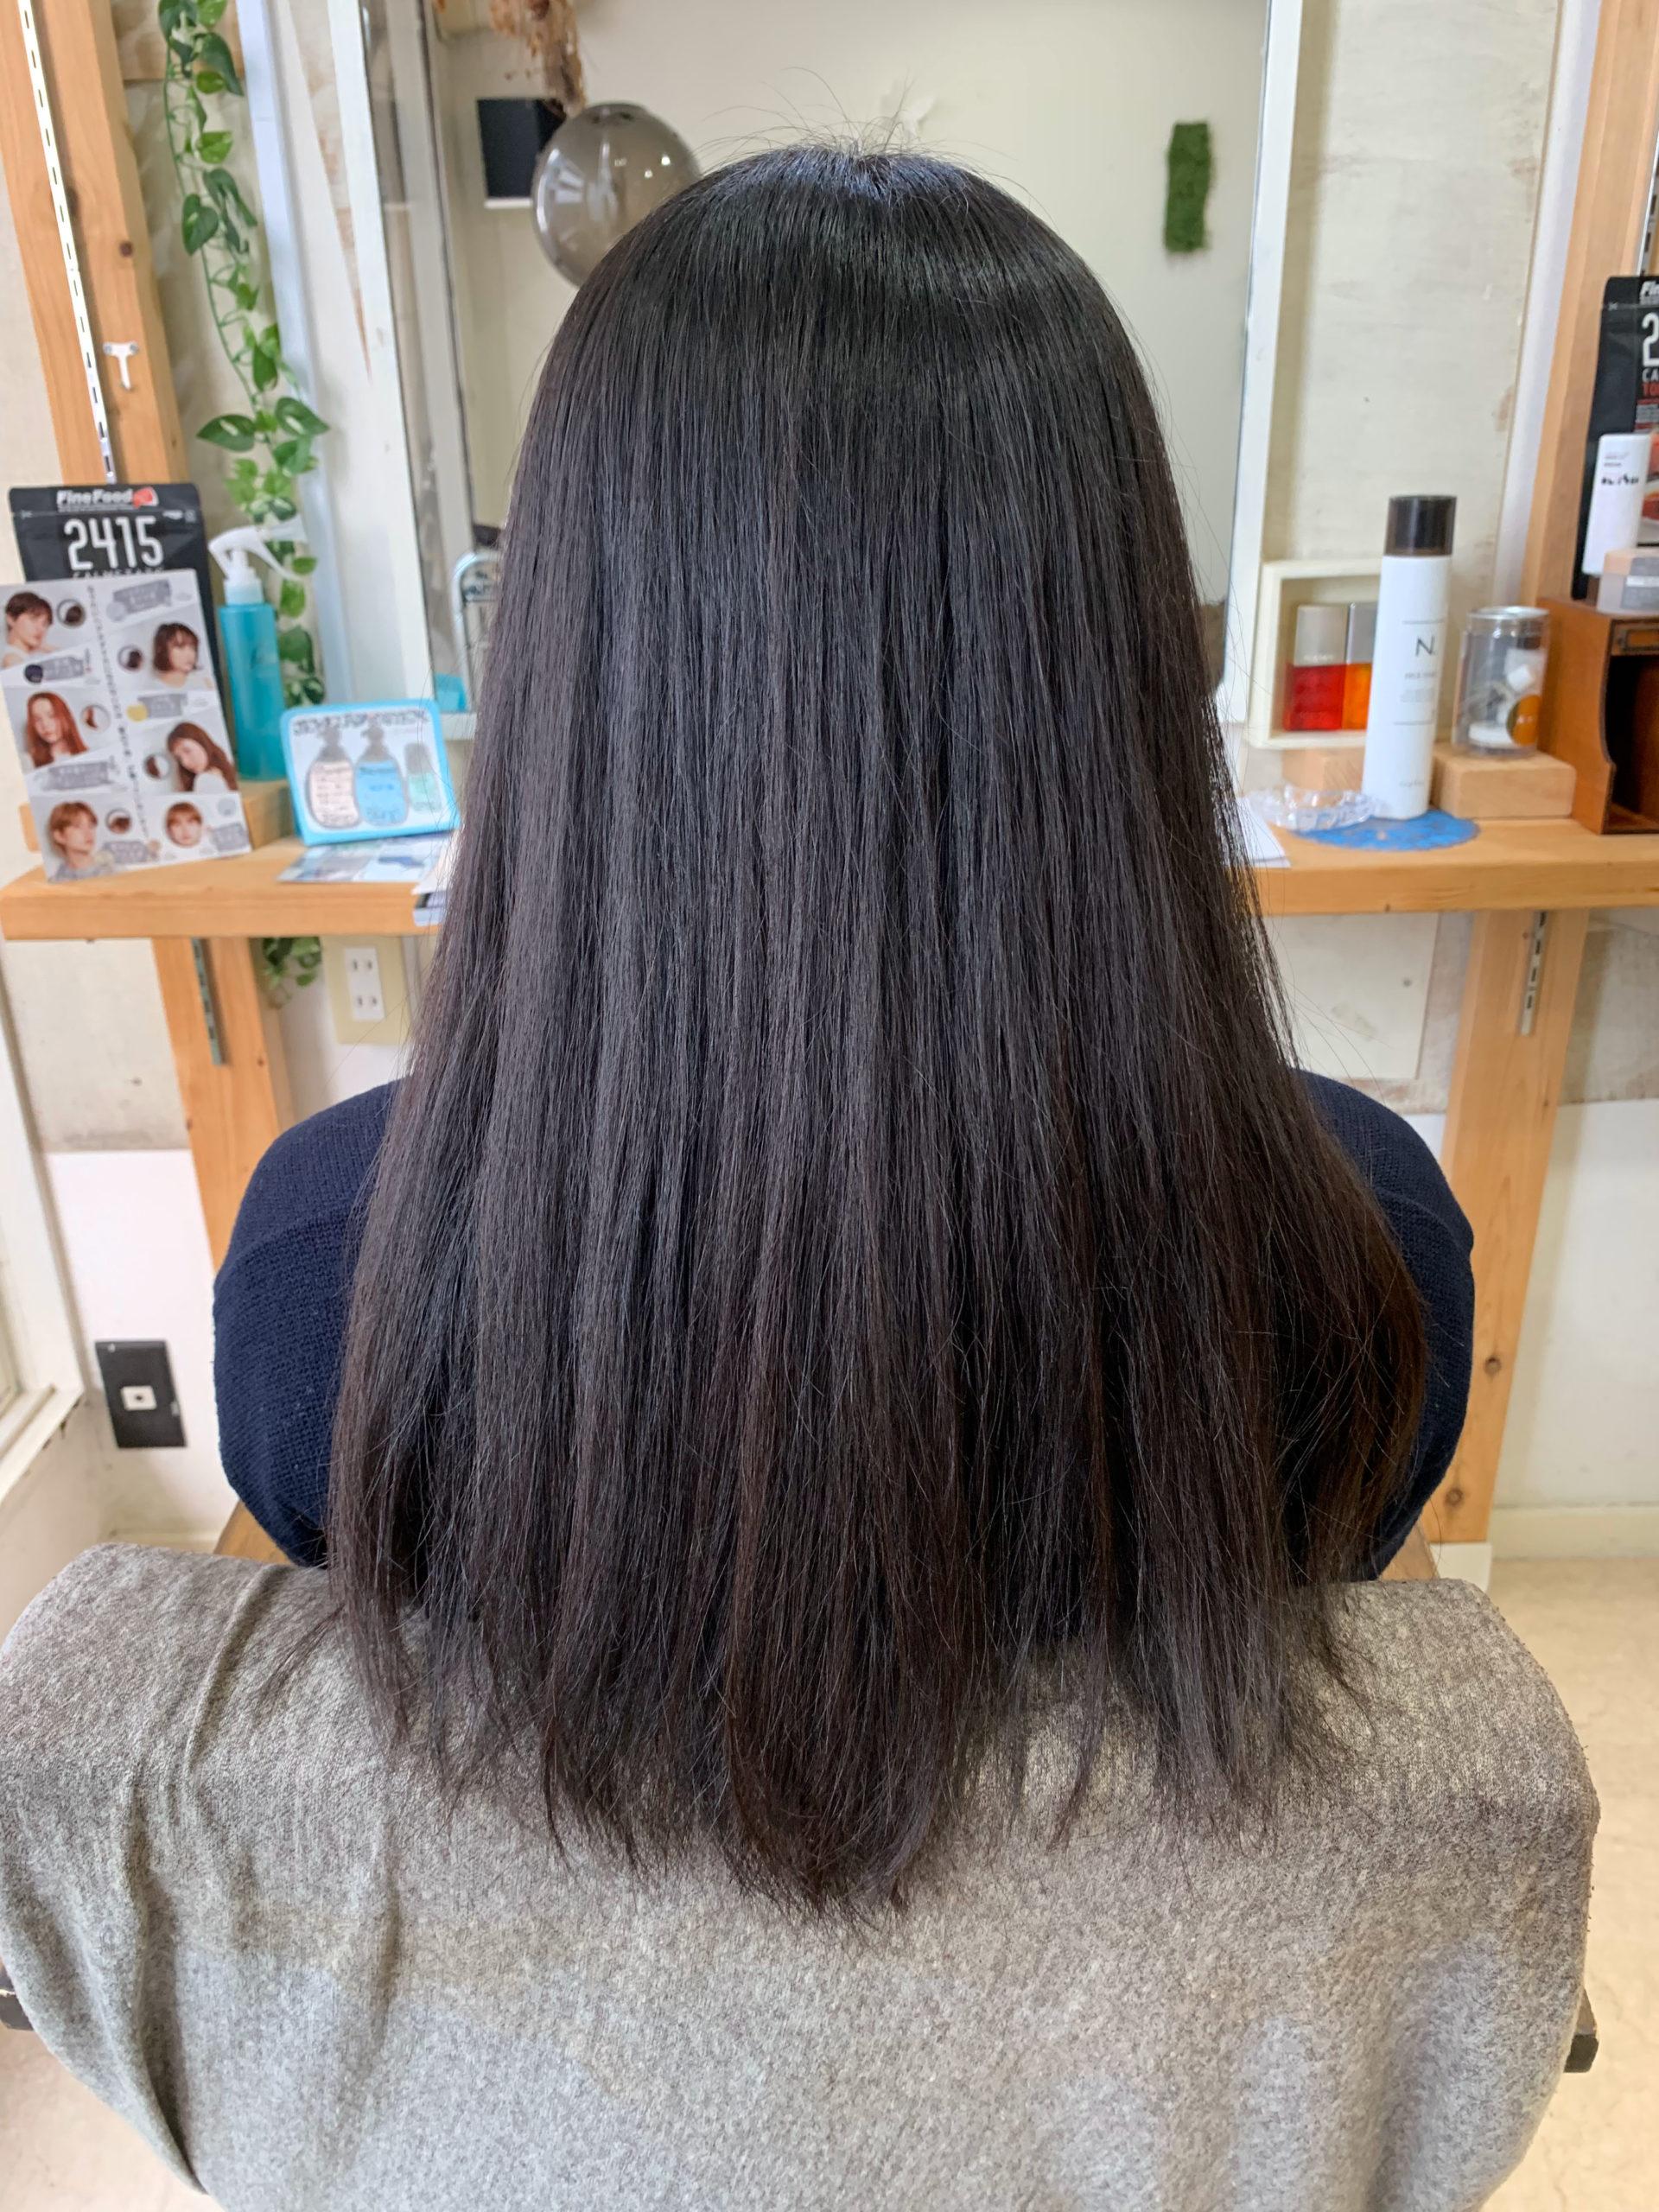 ジュエリーシステムシリーズ×縮毛矯正でパサつく髪を艶髪に変身。原宿・表参道『髪のお悩みを解決するヘアケア美容師の挑戦』